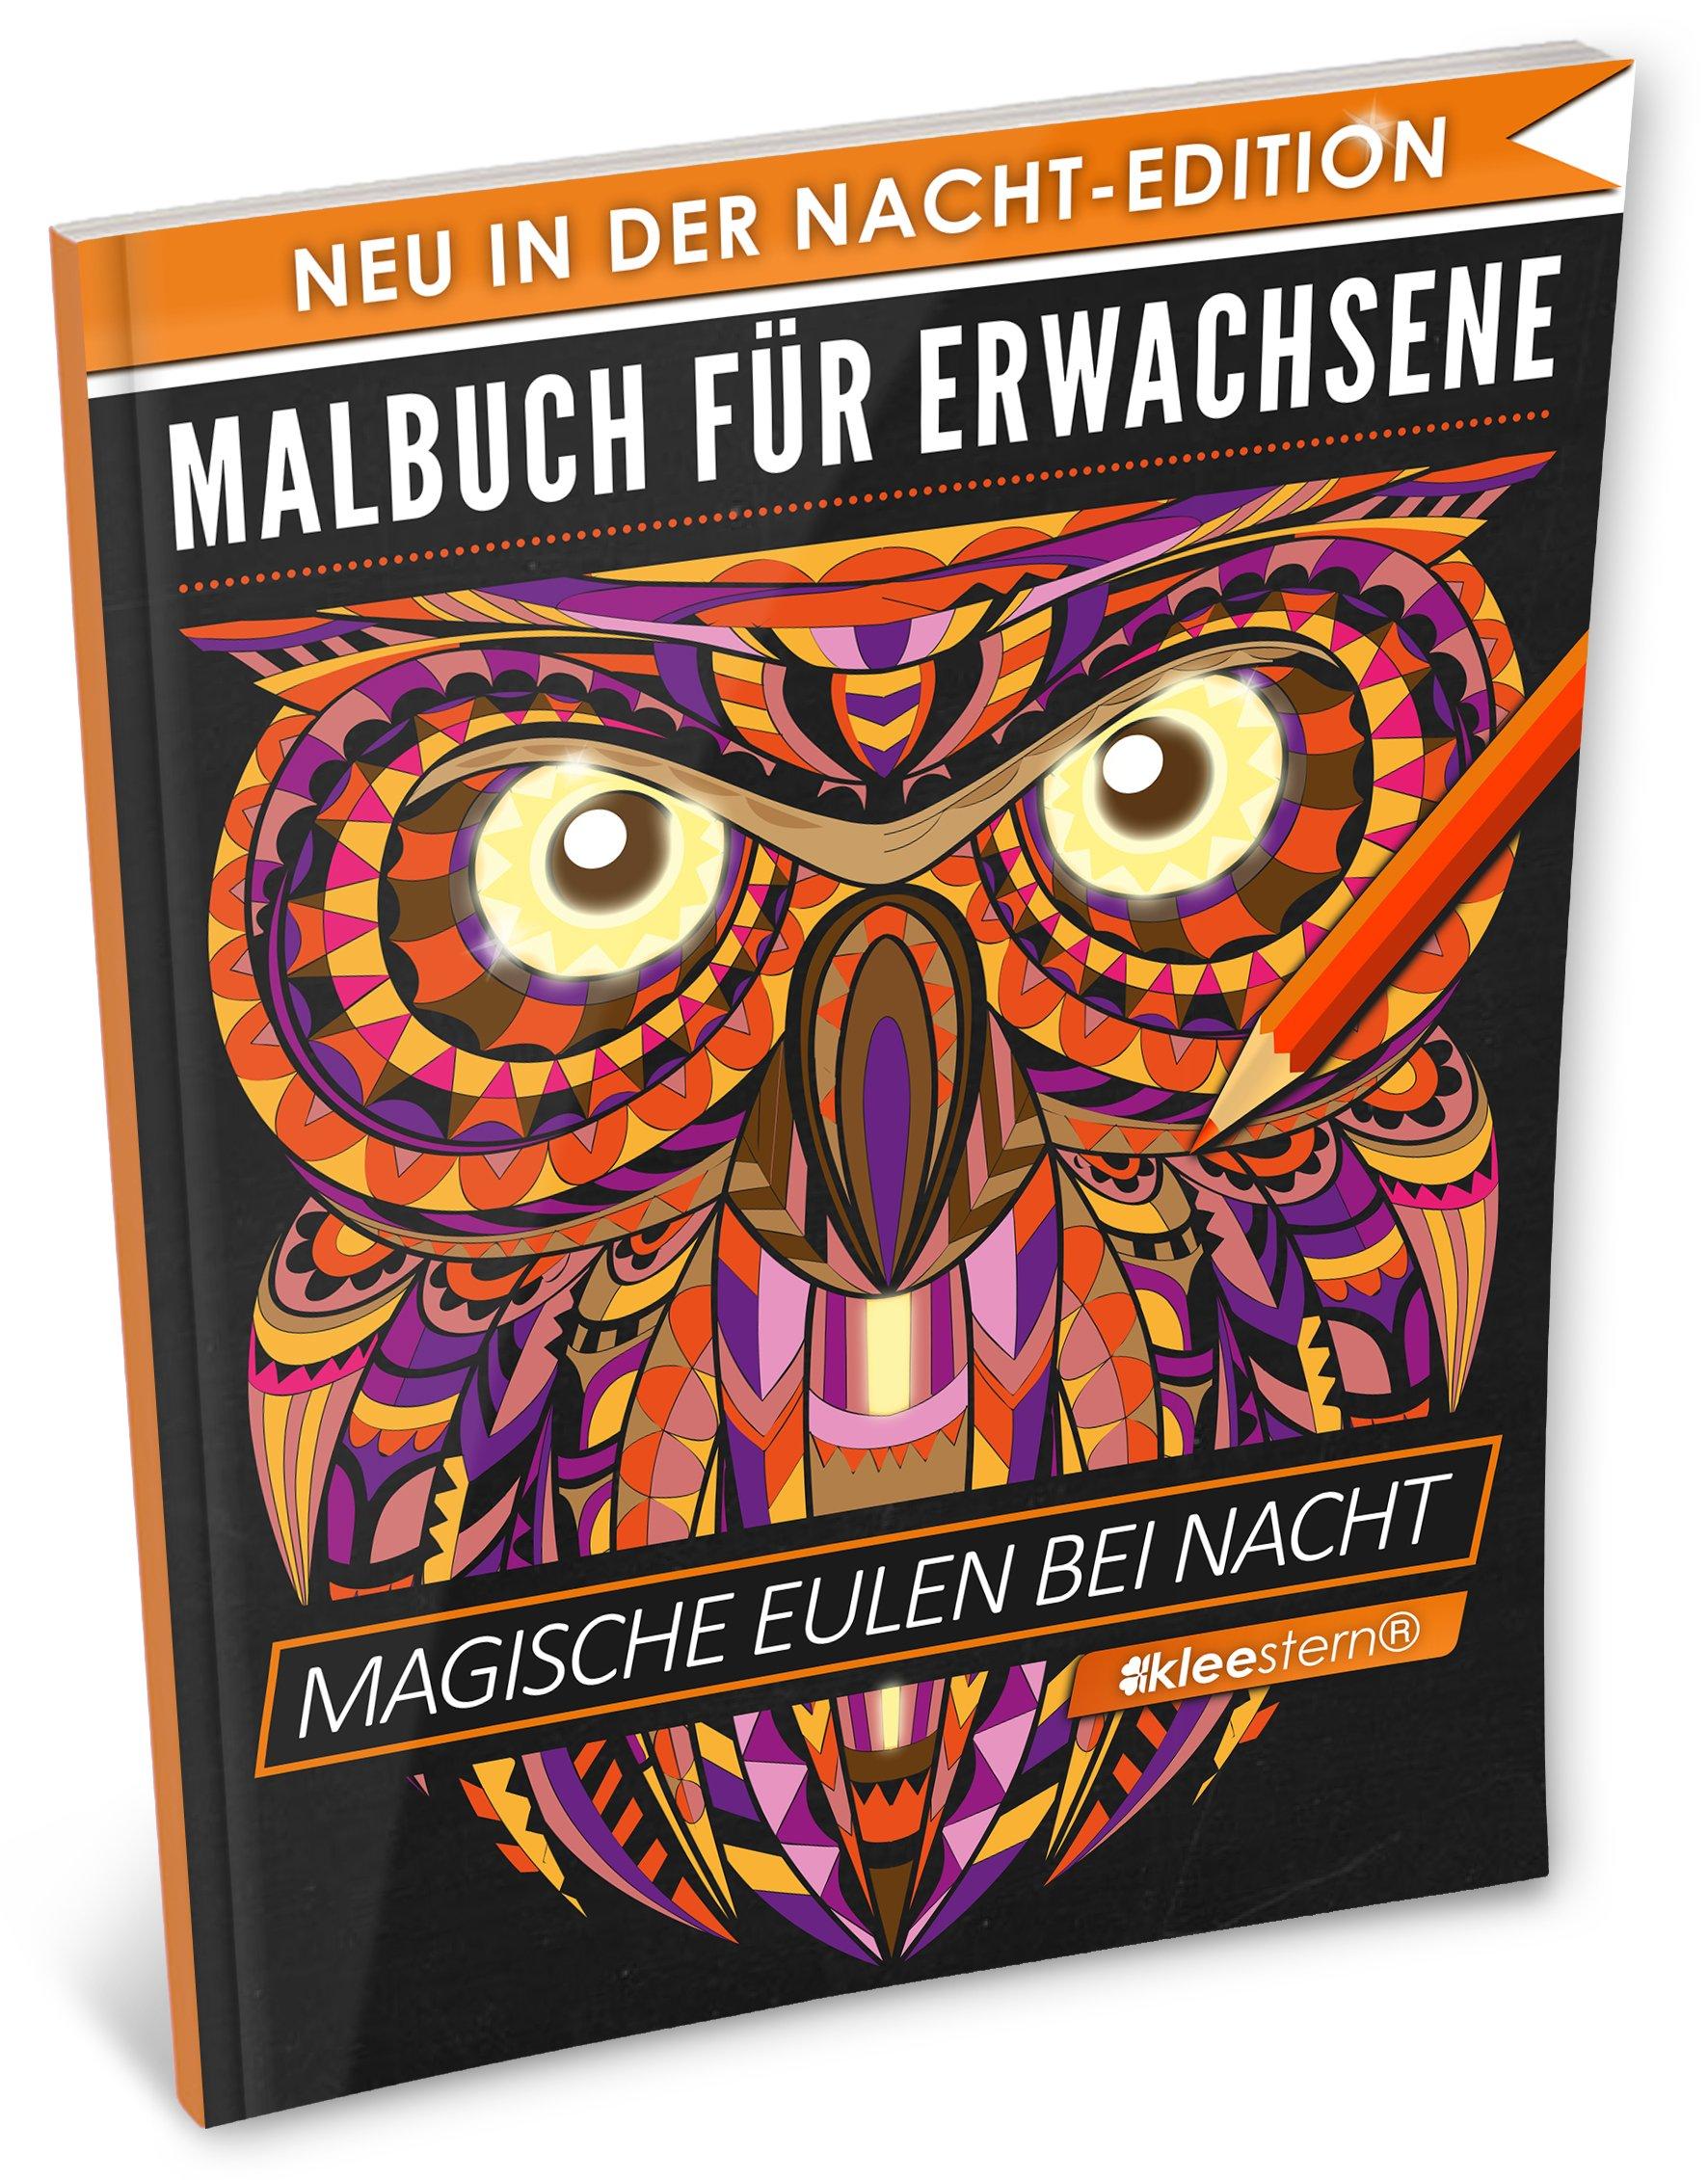 Download Malbuch für Erwachsene: Magische Eulen (A4 Nacht Edition, 40+ Ausmalbilder, Ideal für Neon & Glitzerstifte, Kleestern®) (German Edition) pdf